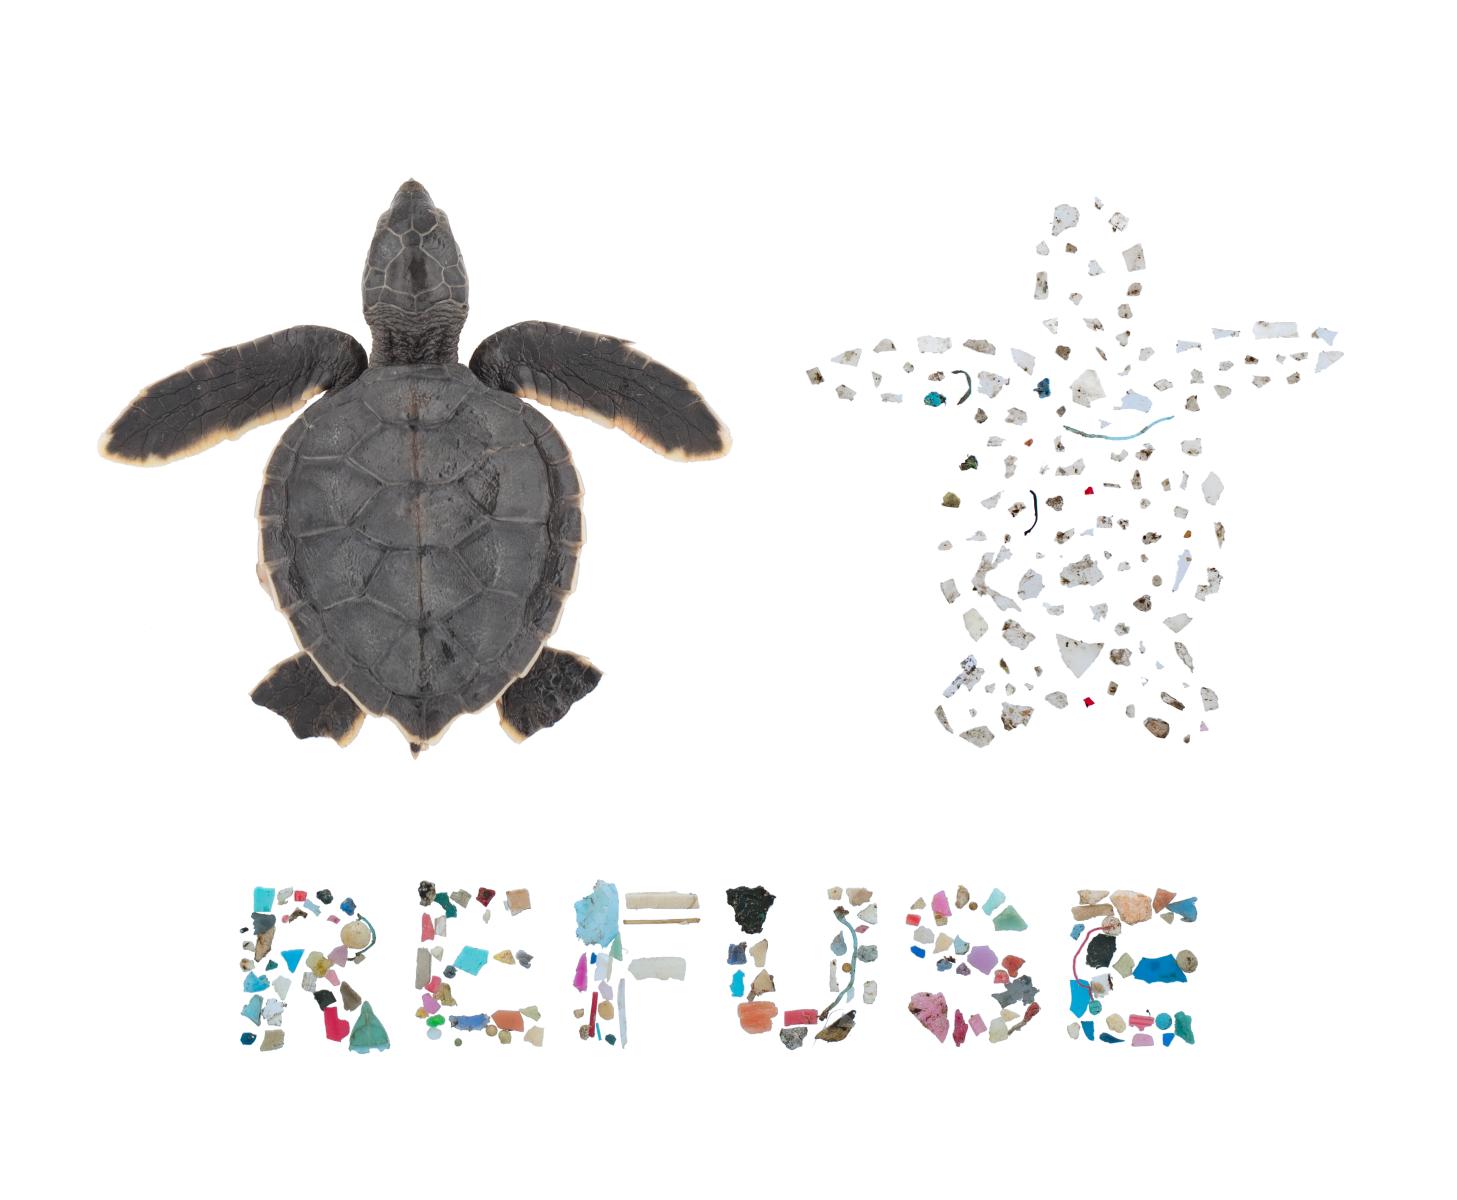 Refuse Single Use Plastics